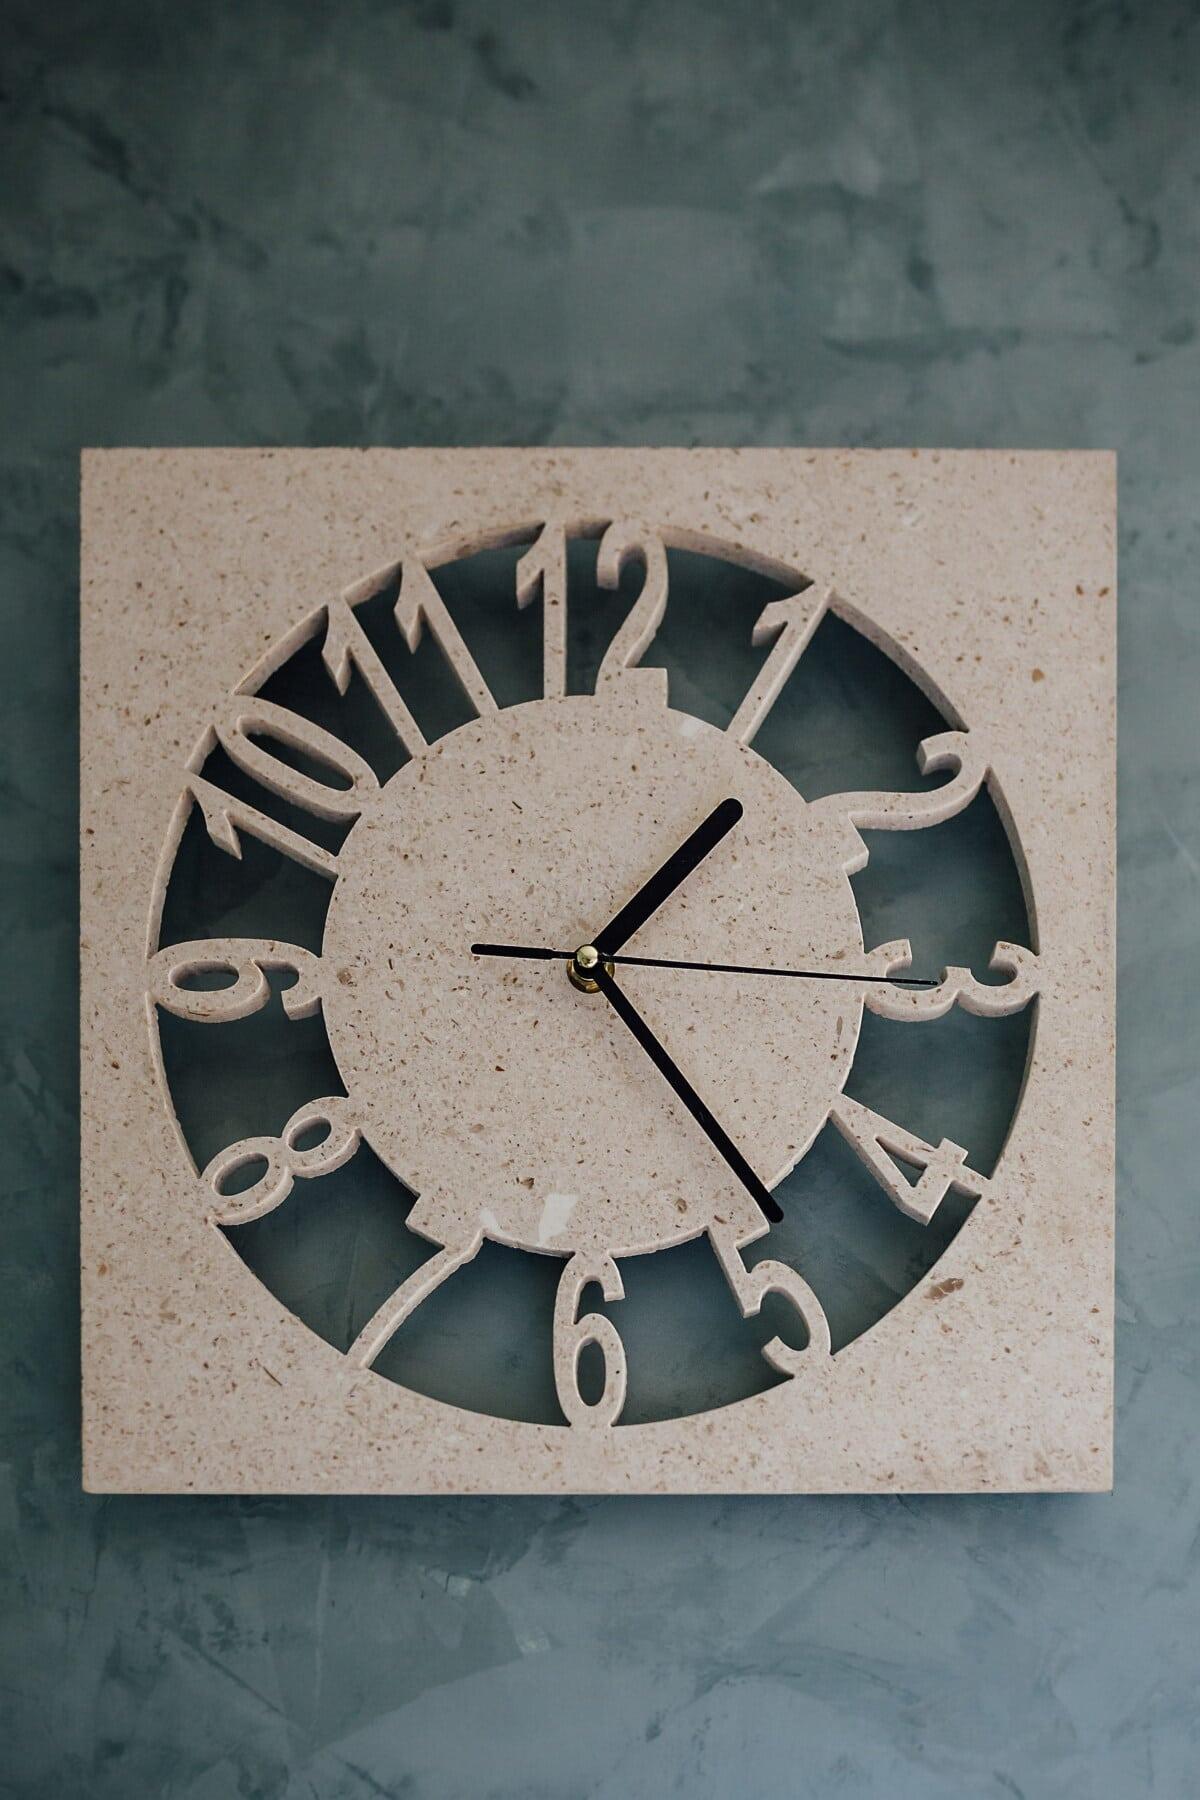 Analoguhr, Stein, Marmor, Interieur-design, Wand, Zeit, Lust auf, Uhr, Instrument, Retro